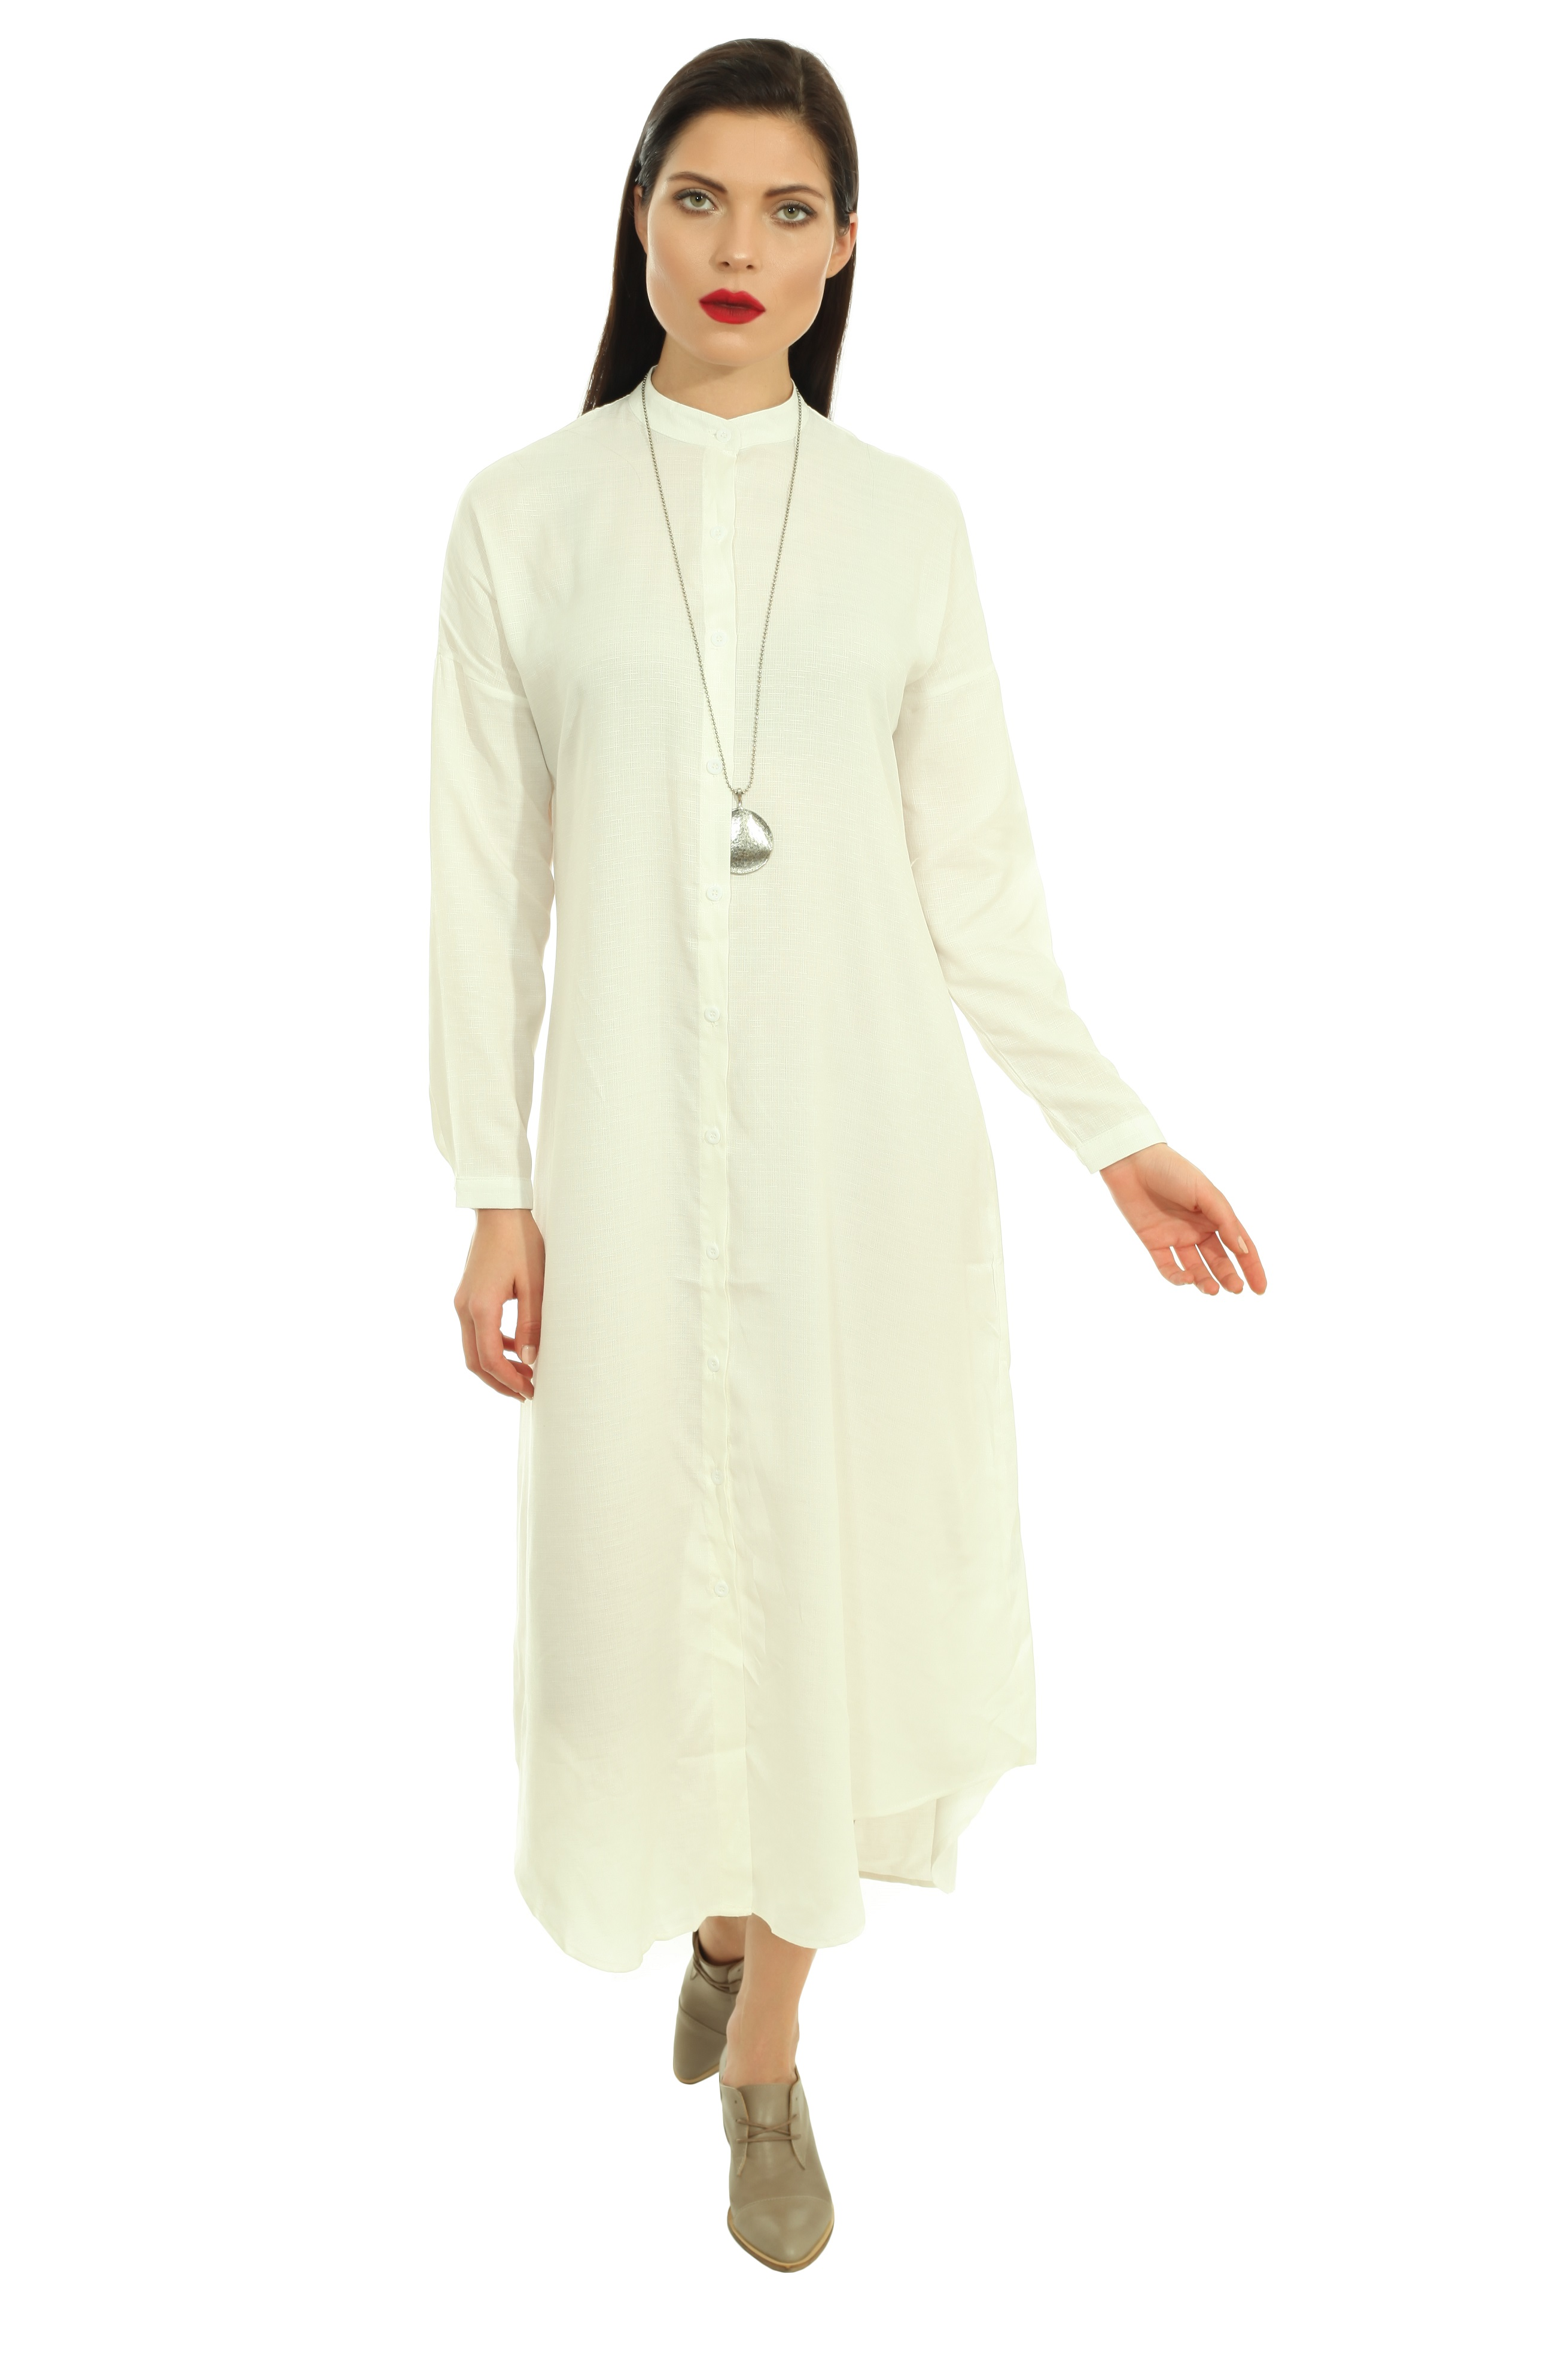 שמלת אריג, 149 שח, להשיג ברשת קמדן אנד שוז ובאתר www.Camden.co.il, צלם אושרי תורתי